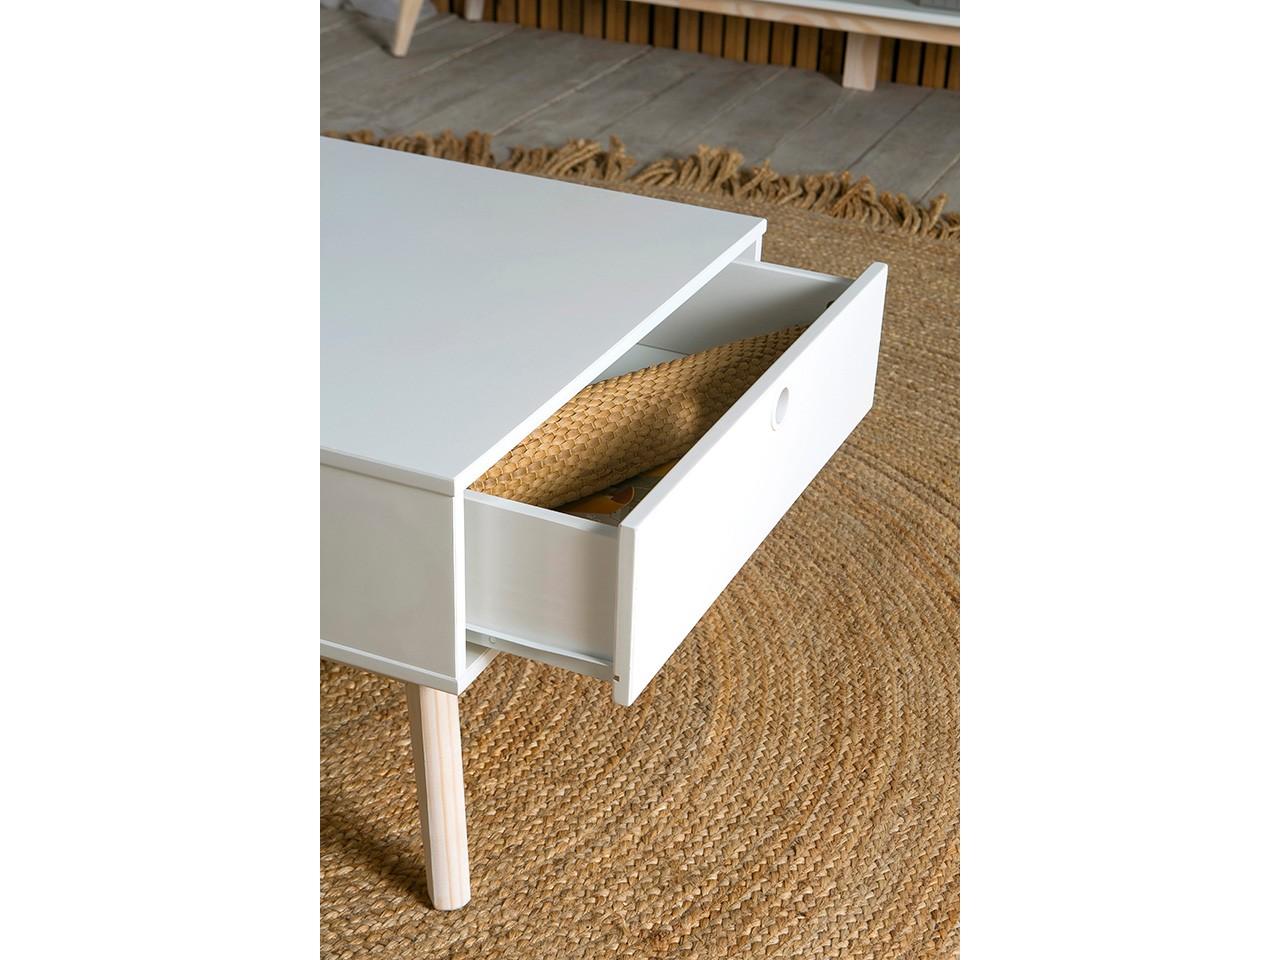 Muebles De Salon Y Muebles De Comedor Dicoro # Muebles Vanguardistas